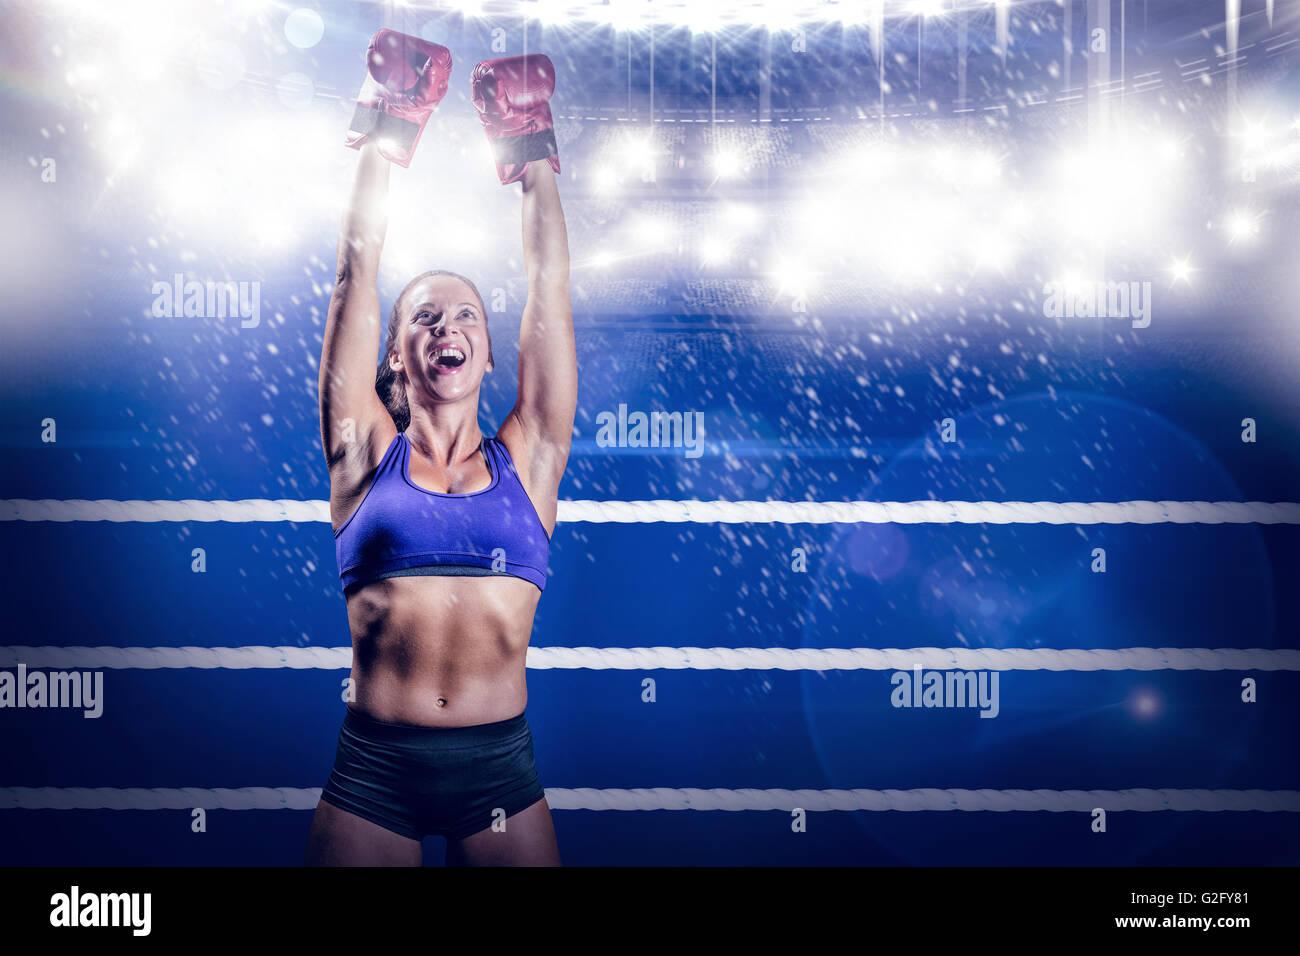 Immagine composita del combattente vincente con le braccia sollevate Immagini Stock